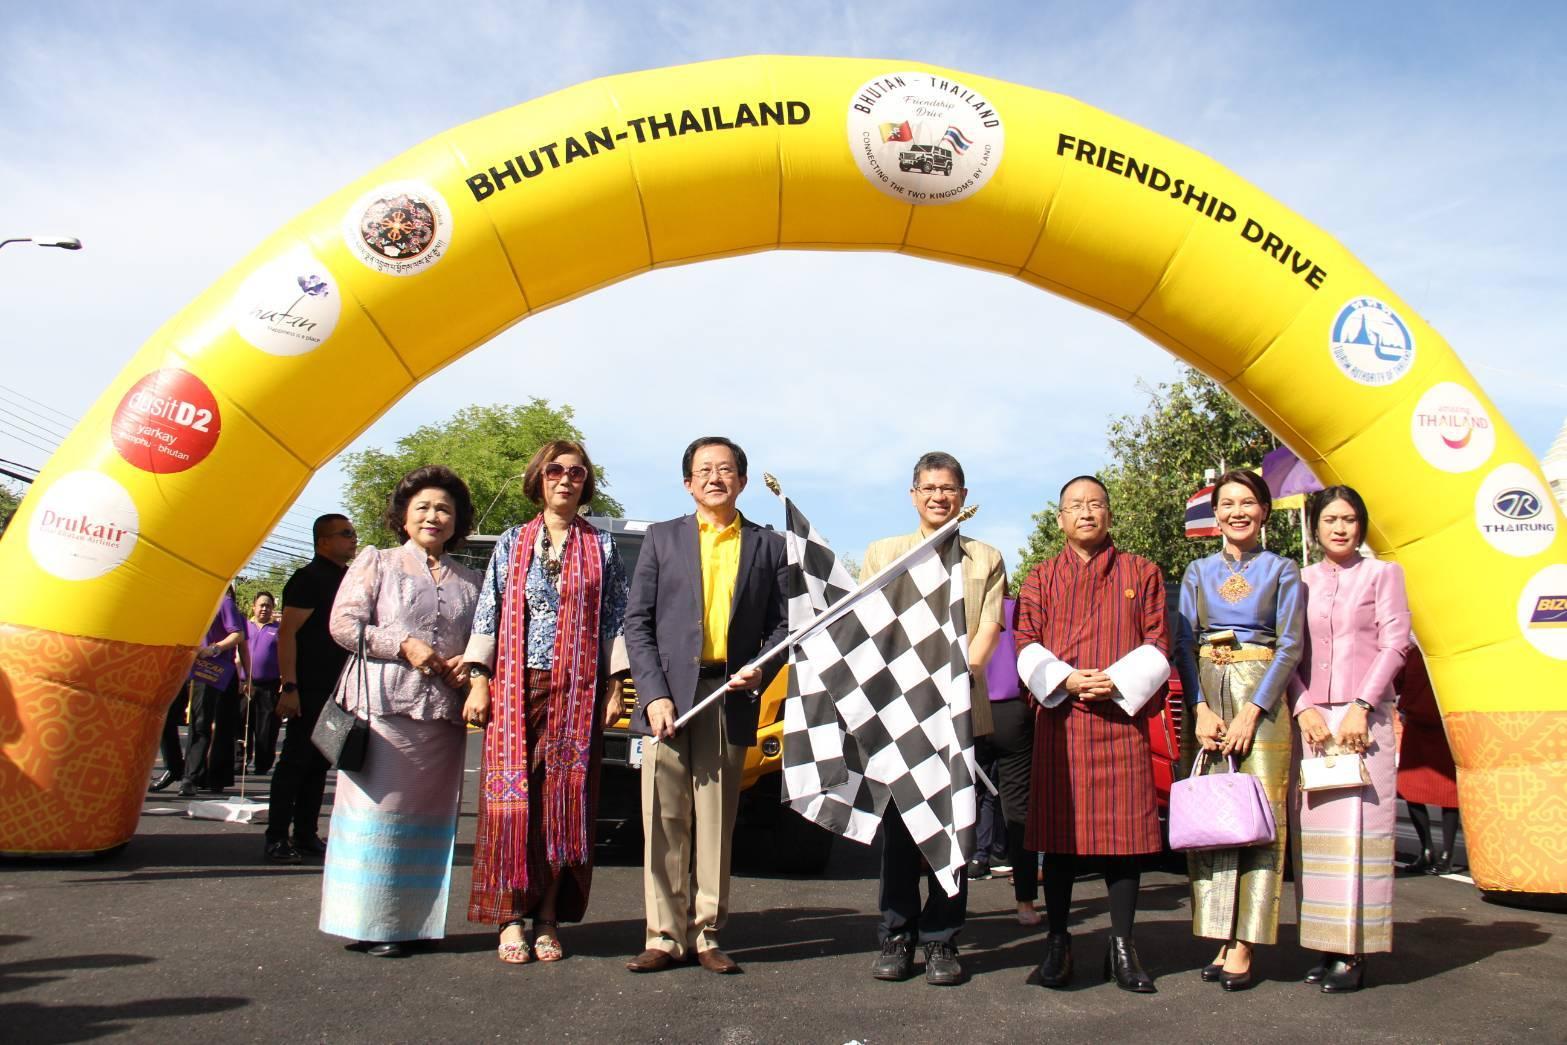 ข่าวสดวันนี้ ความสัมพันธ์ไทย-ภูฏาน